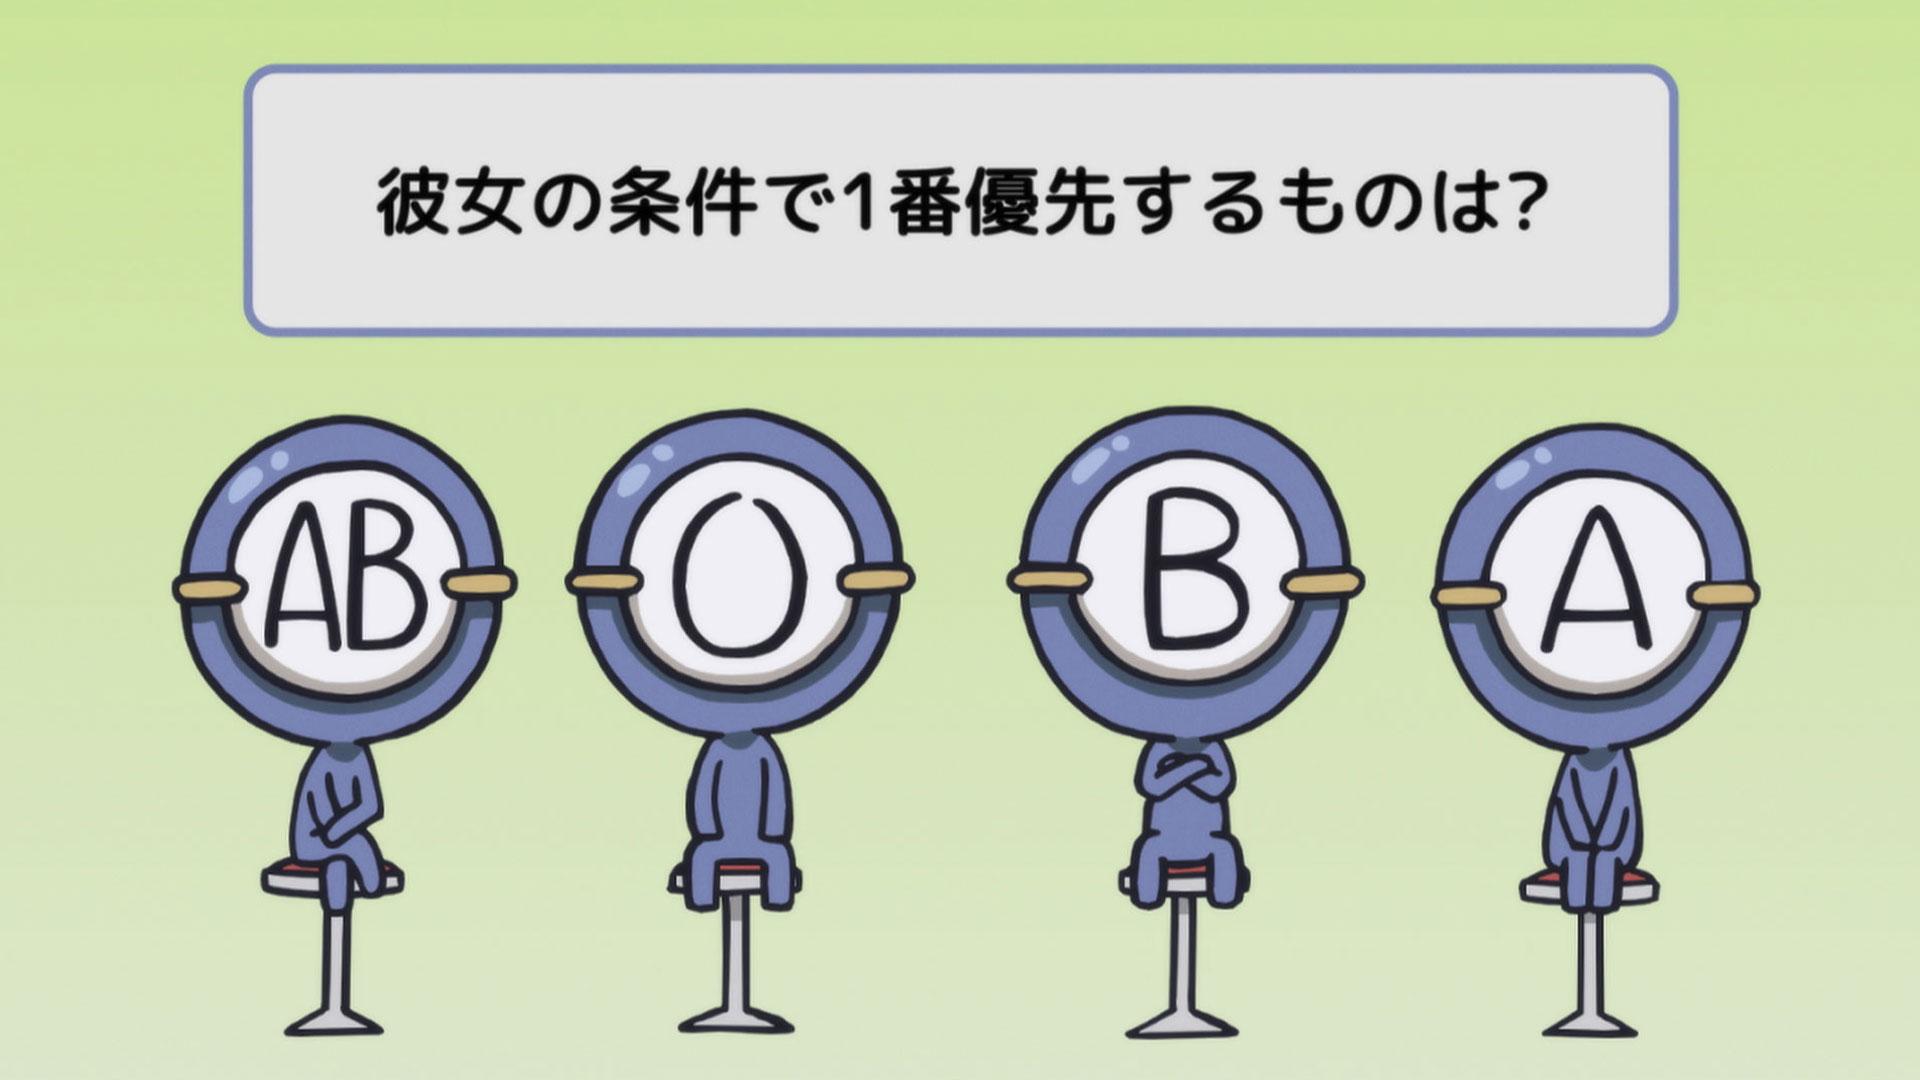 血液型くん!3